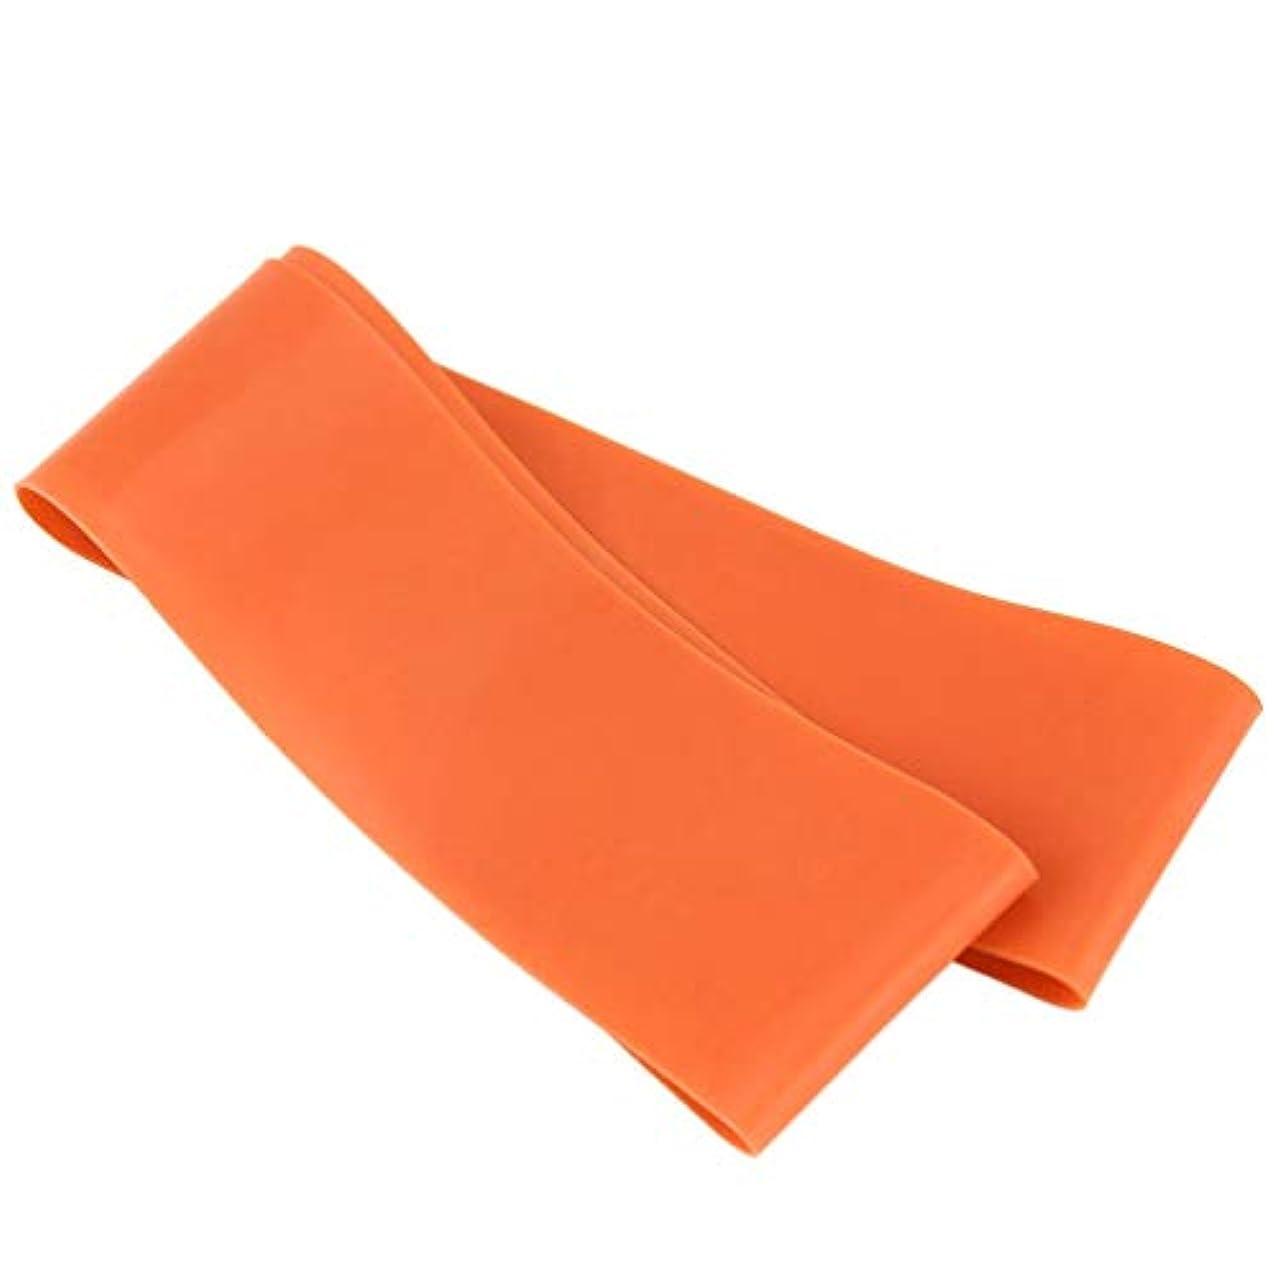 オペラジャンピングジャックランプ滑り止めの伸縮性のあるゴム製伸縮性がある伸縮性があるヨガベルトバンド引きロープの張力抵抗バンドループ強度のためのフィットネスヨガツール - オレンジ